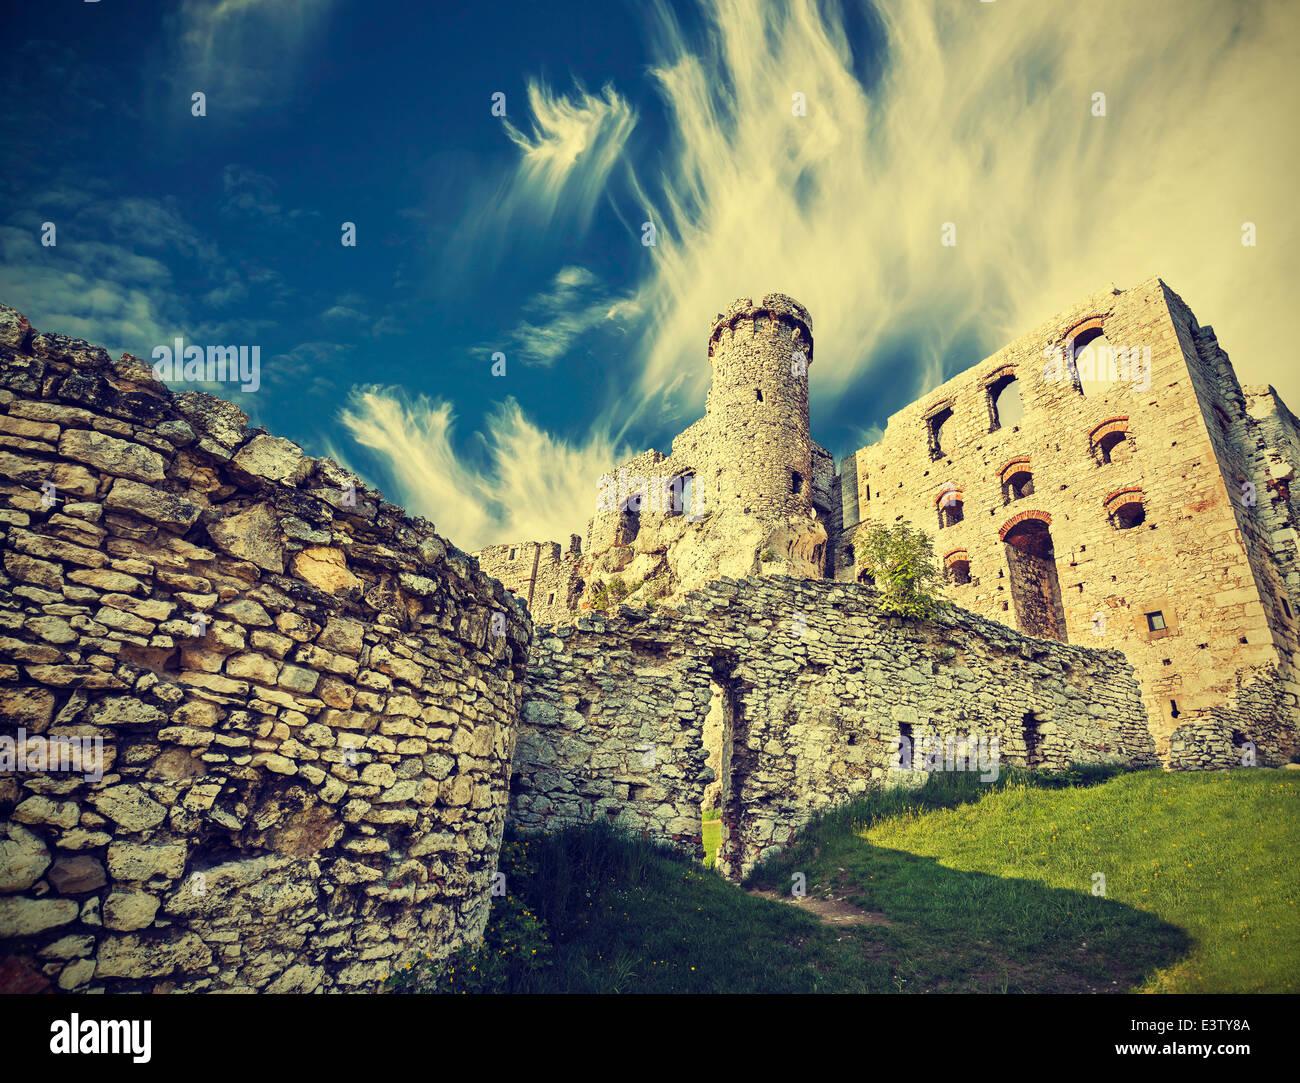 Vintage-Retro-Stil-Ruine der Burg. Stockbild